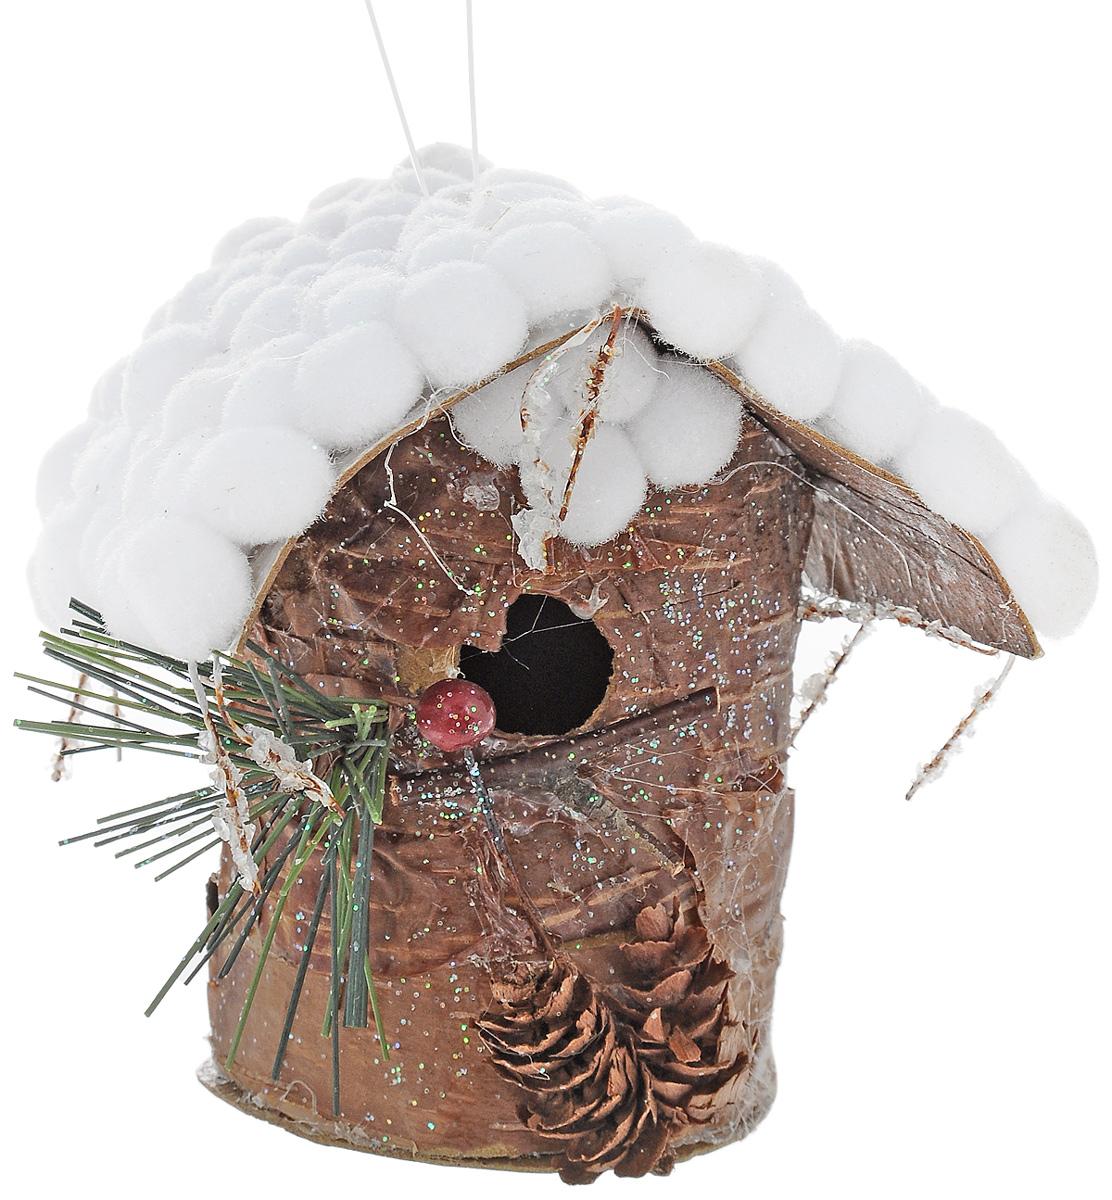 Украшение новогоднее подвесное Winter Wings Скворечник. Лесная сказка, высота 10,5 смN180380Новогоднее украшение Winter Wings Скворечник. Лесная сказка выполнено из полимерного материала. С помощью специальной петельки украшение можно повесить в любом понравившемся вам месте. Но, конечно, удачнее всего оно будет смотреться на праздничной елке.Елочная игрушка - символ Нового года. Она несет в себе волшебство и красоту праздника. Создайте в своем доме атмосферу веселья и радости, украшая новогоднюю елку нарядными игрушками, которые будут из года в год накапливать теплоту воспоминаний.